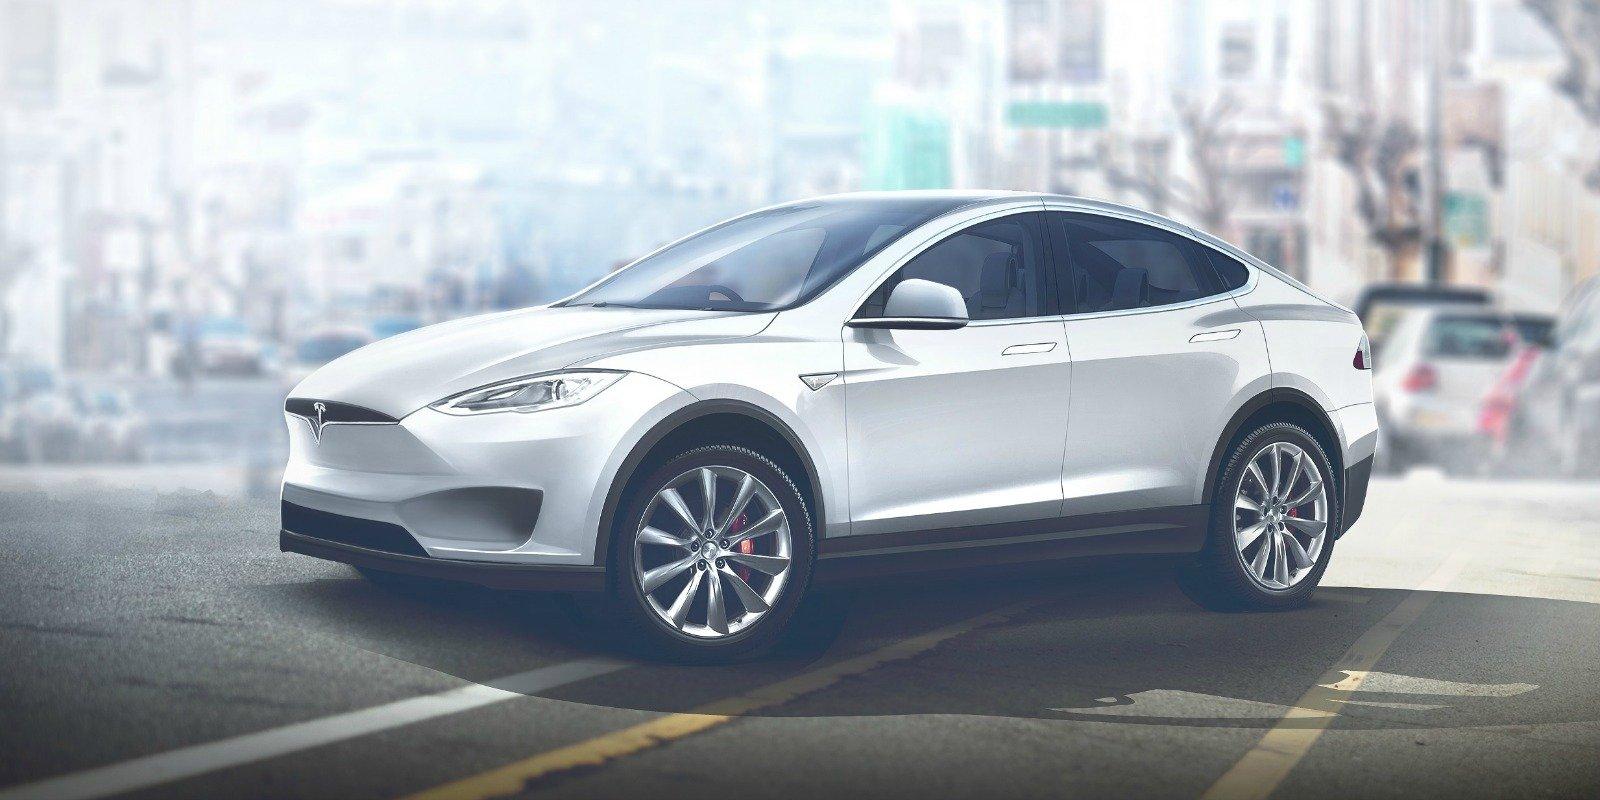 Илон Маск: Кроссовер Tesla Model Yдебютирует 15марта будущего 2019-ого